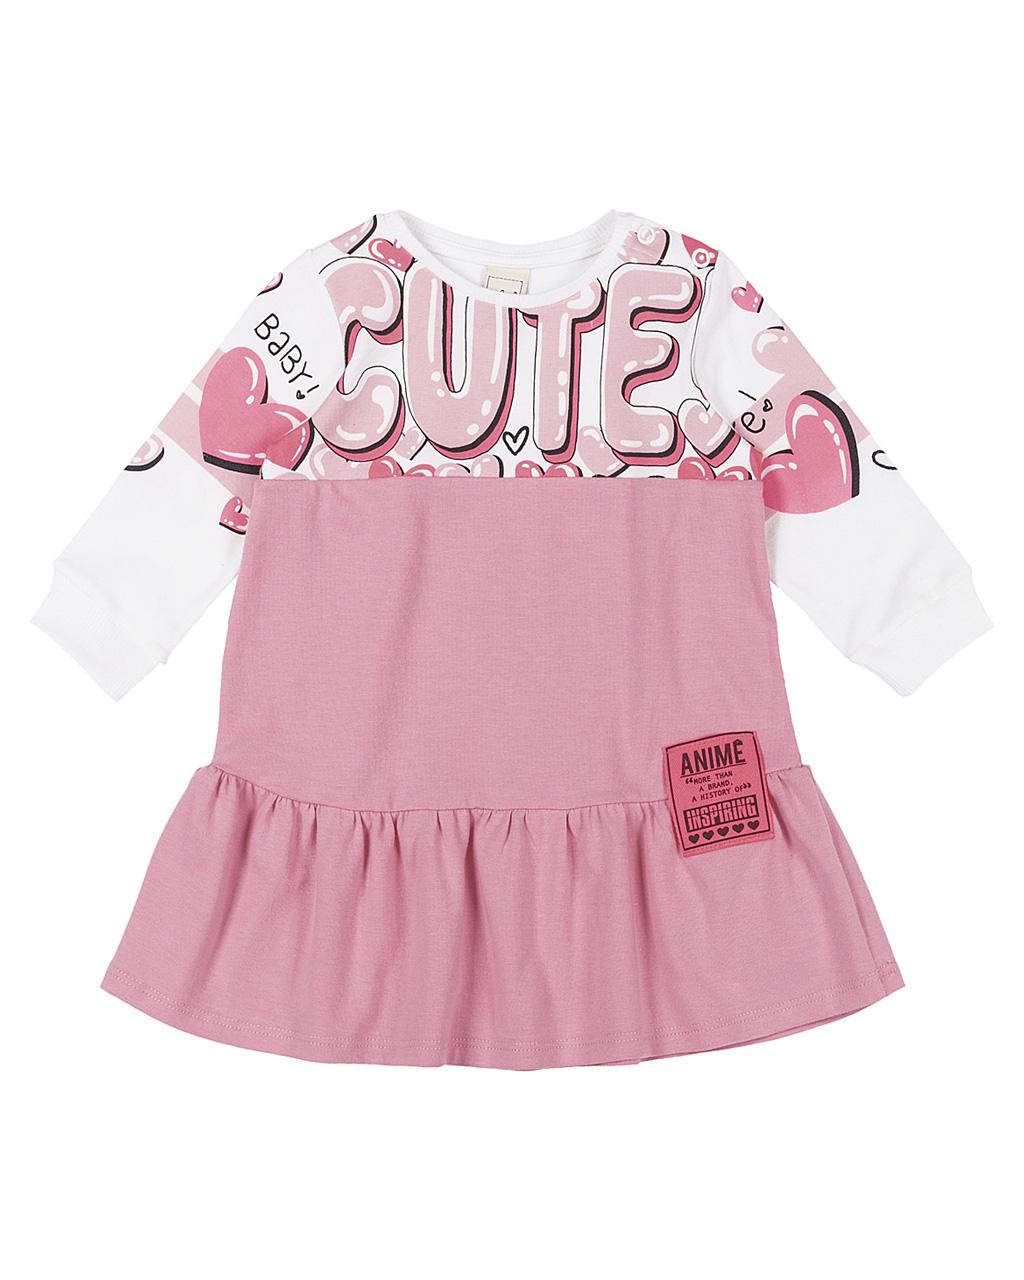 Vestido Baby Cotton Cute Animê